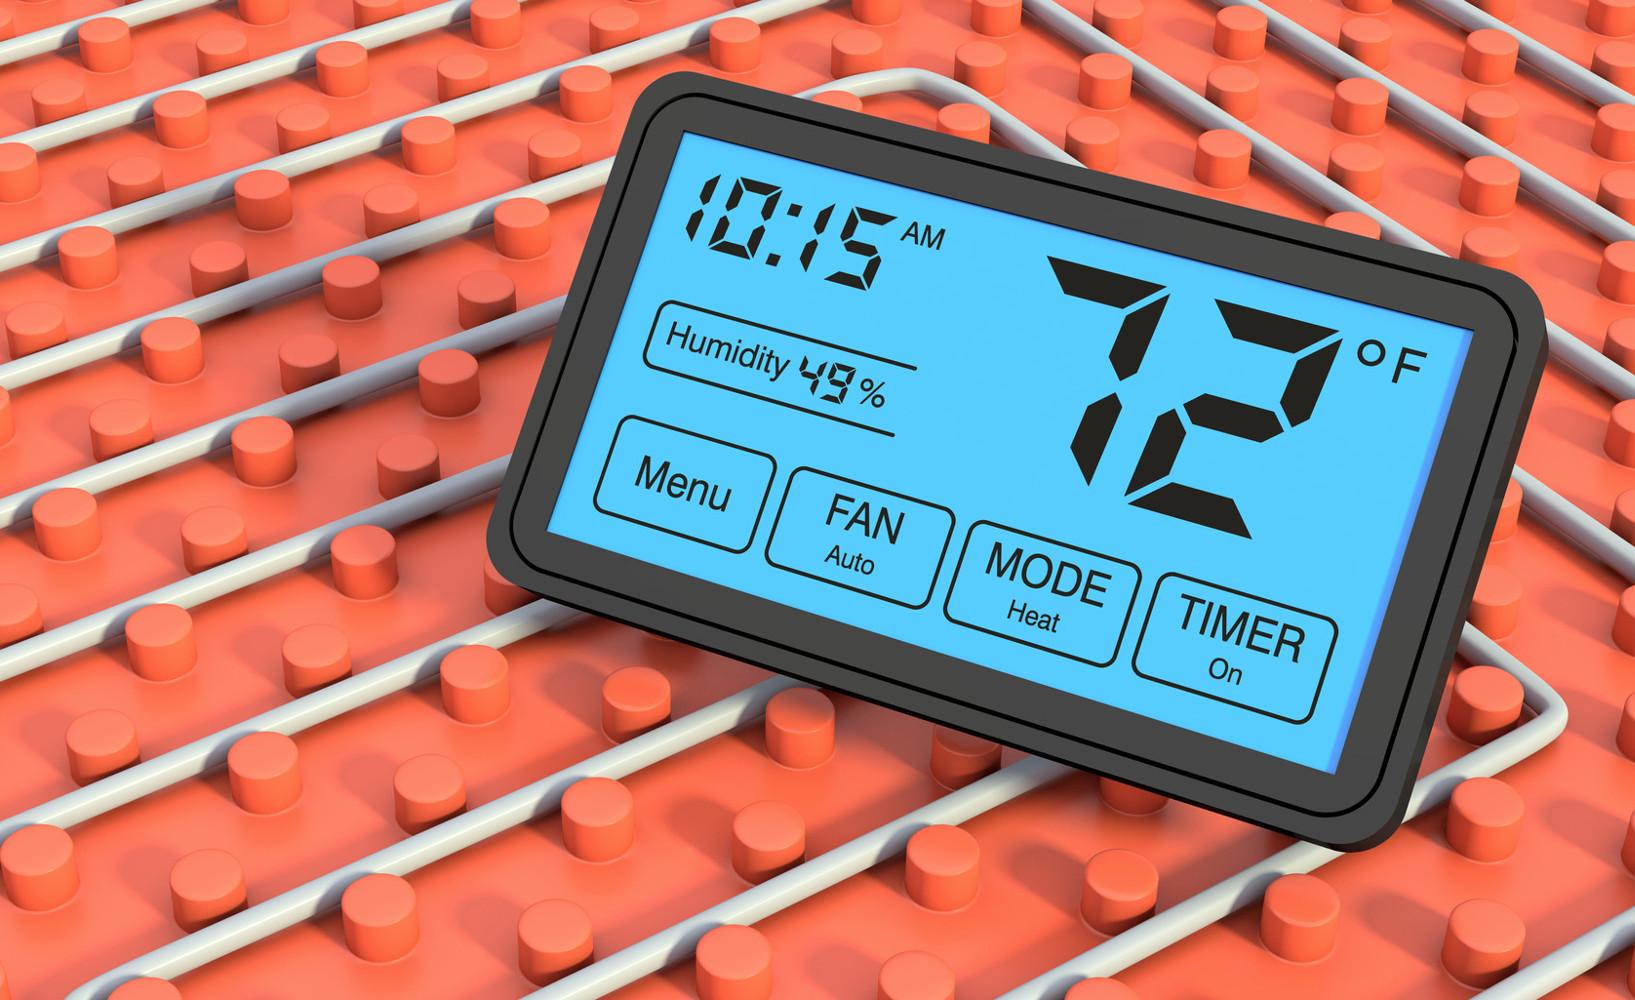 Elektrische Fußbodenheizung | Raumideen.org